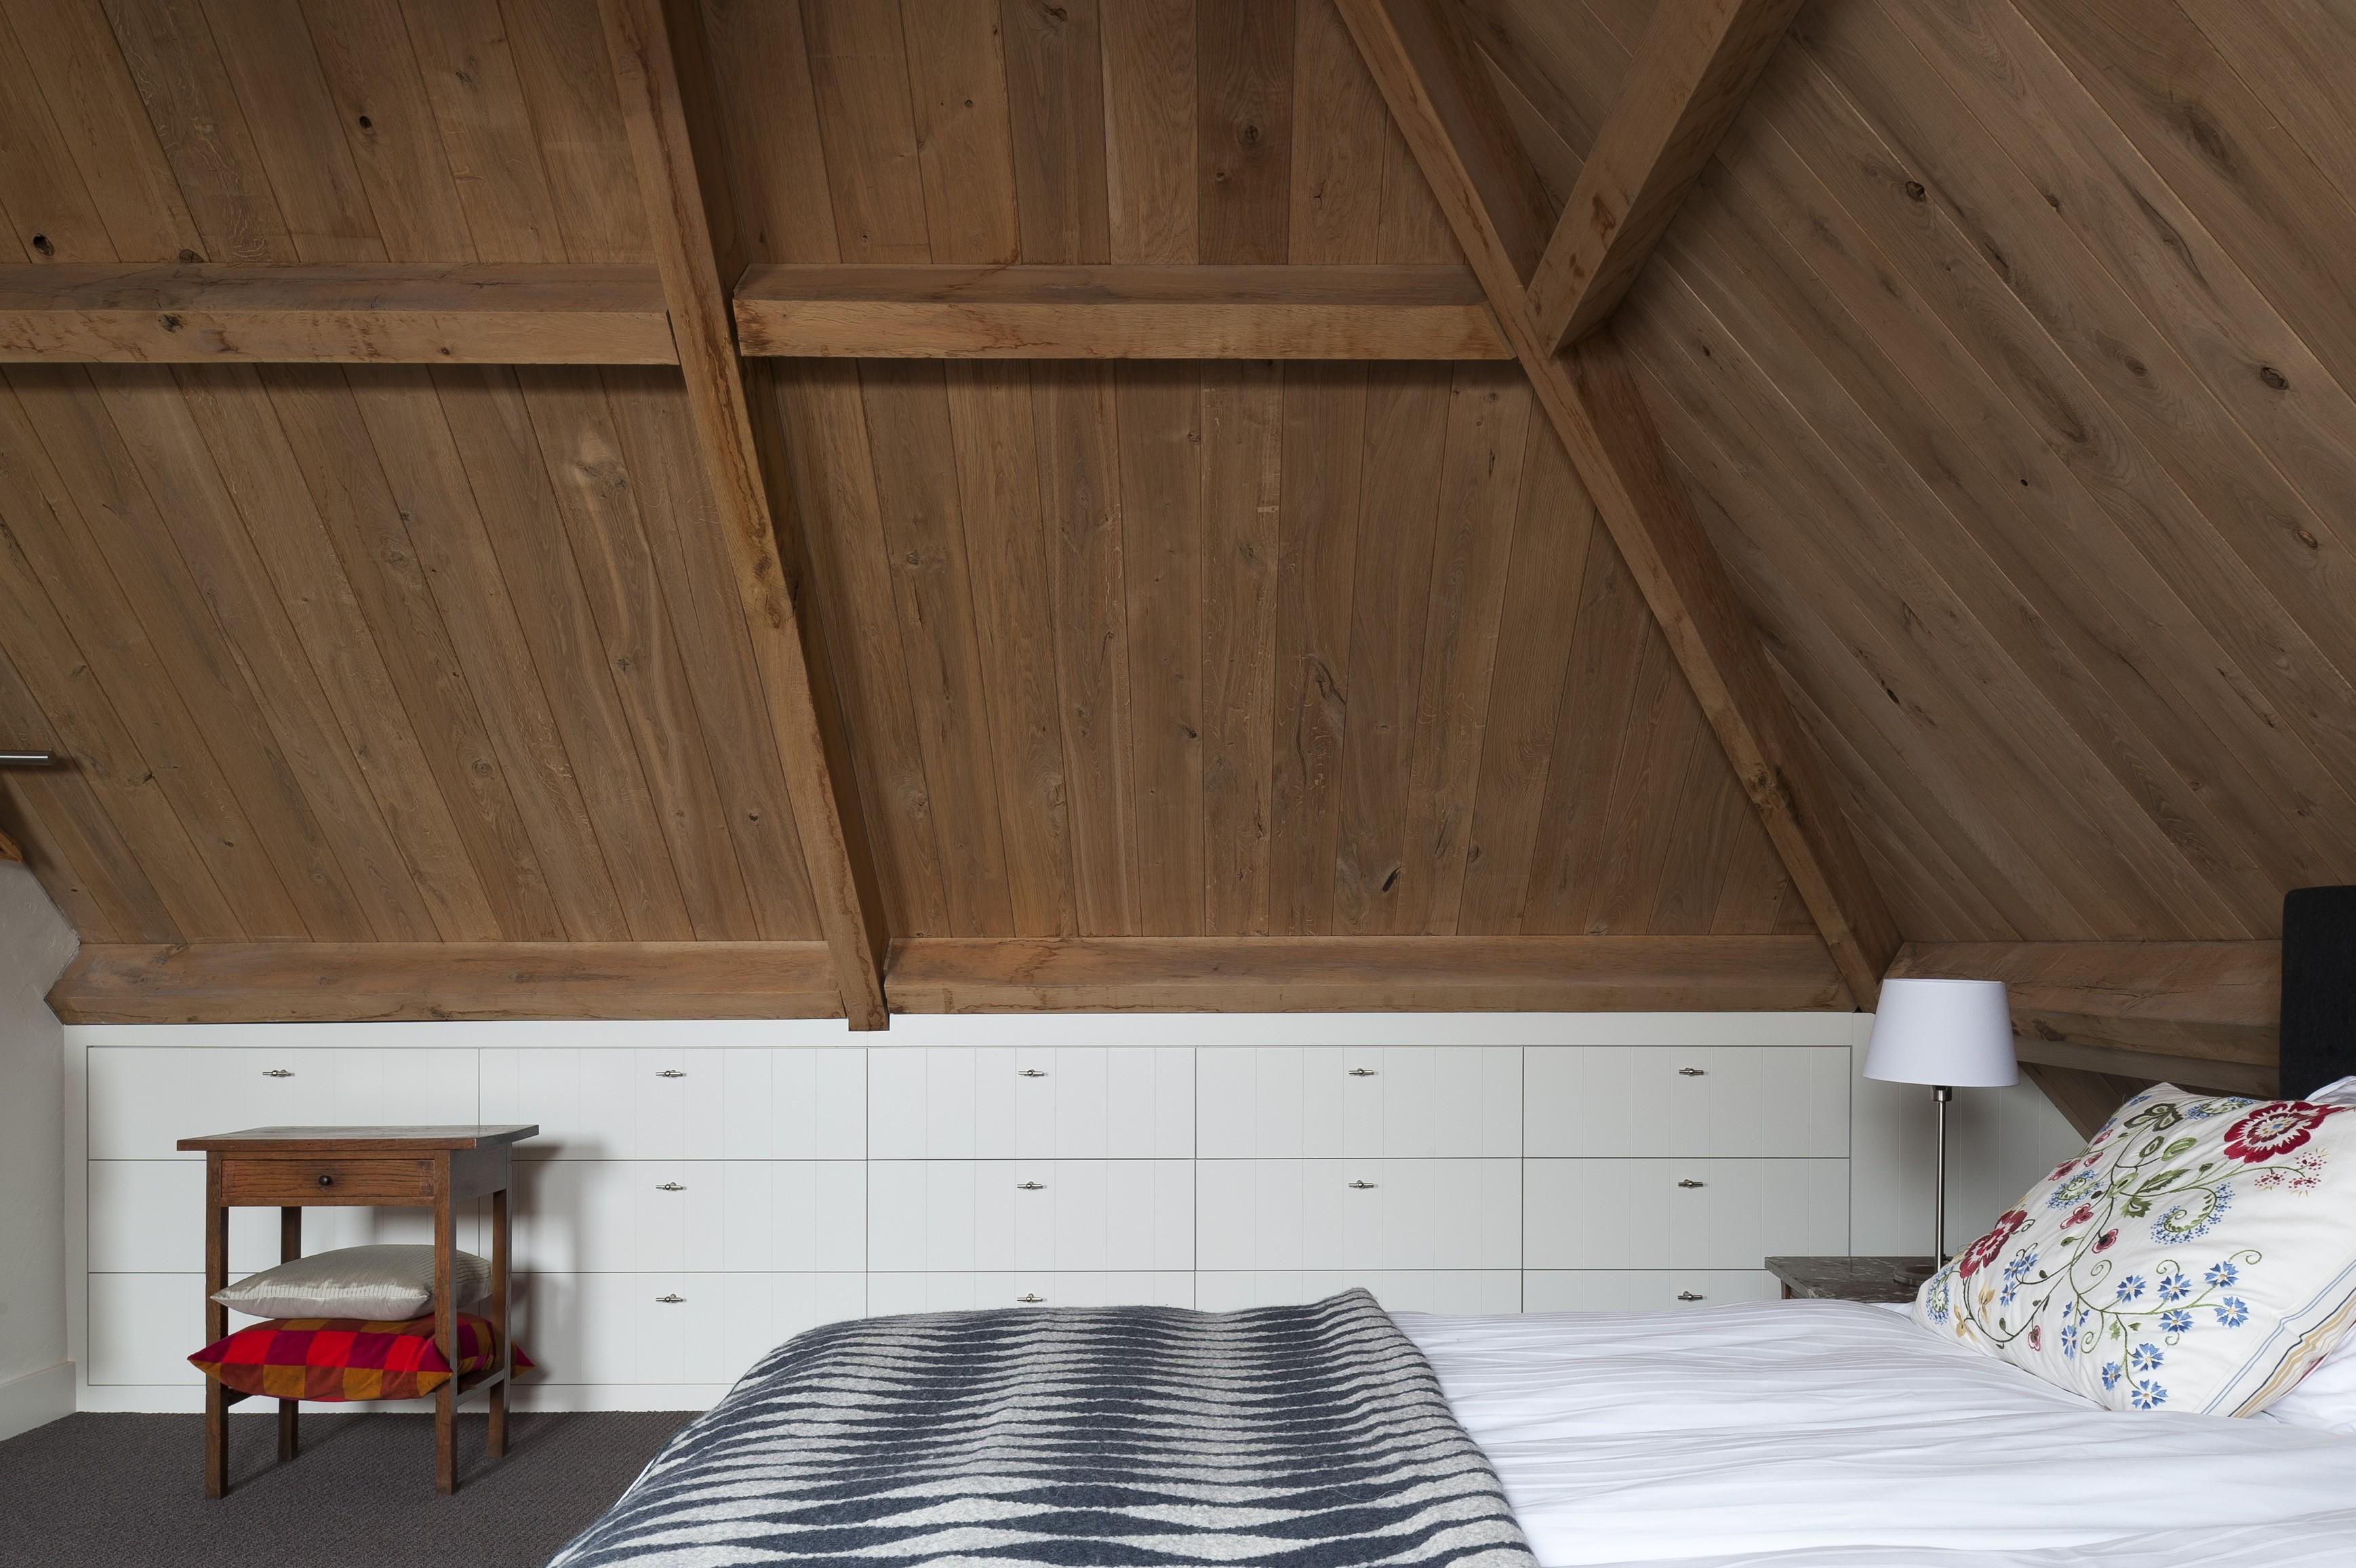 Maatwerk inbouwkasten op zolder slaapkamer   HOM